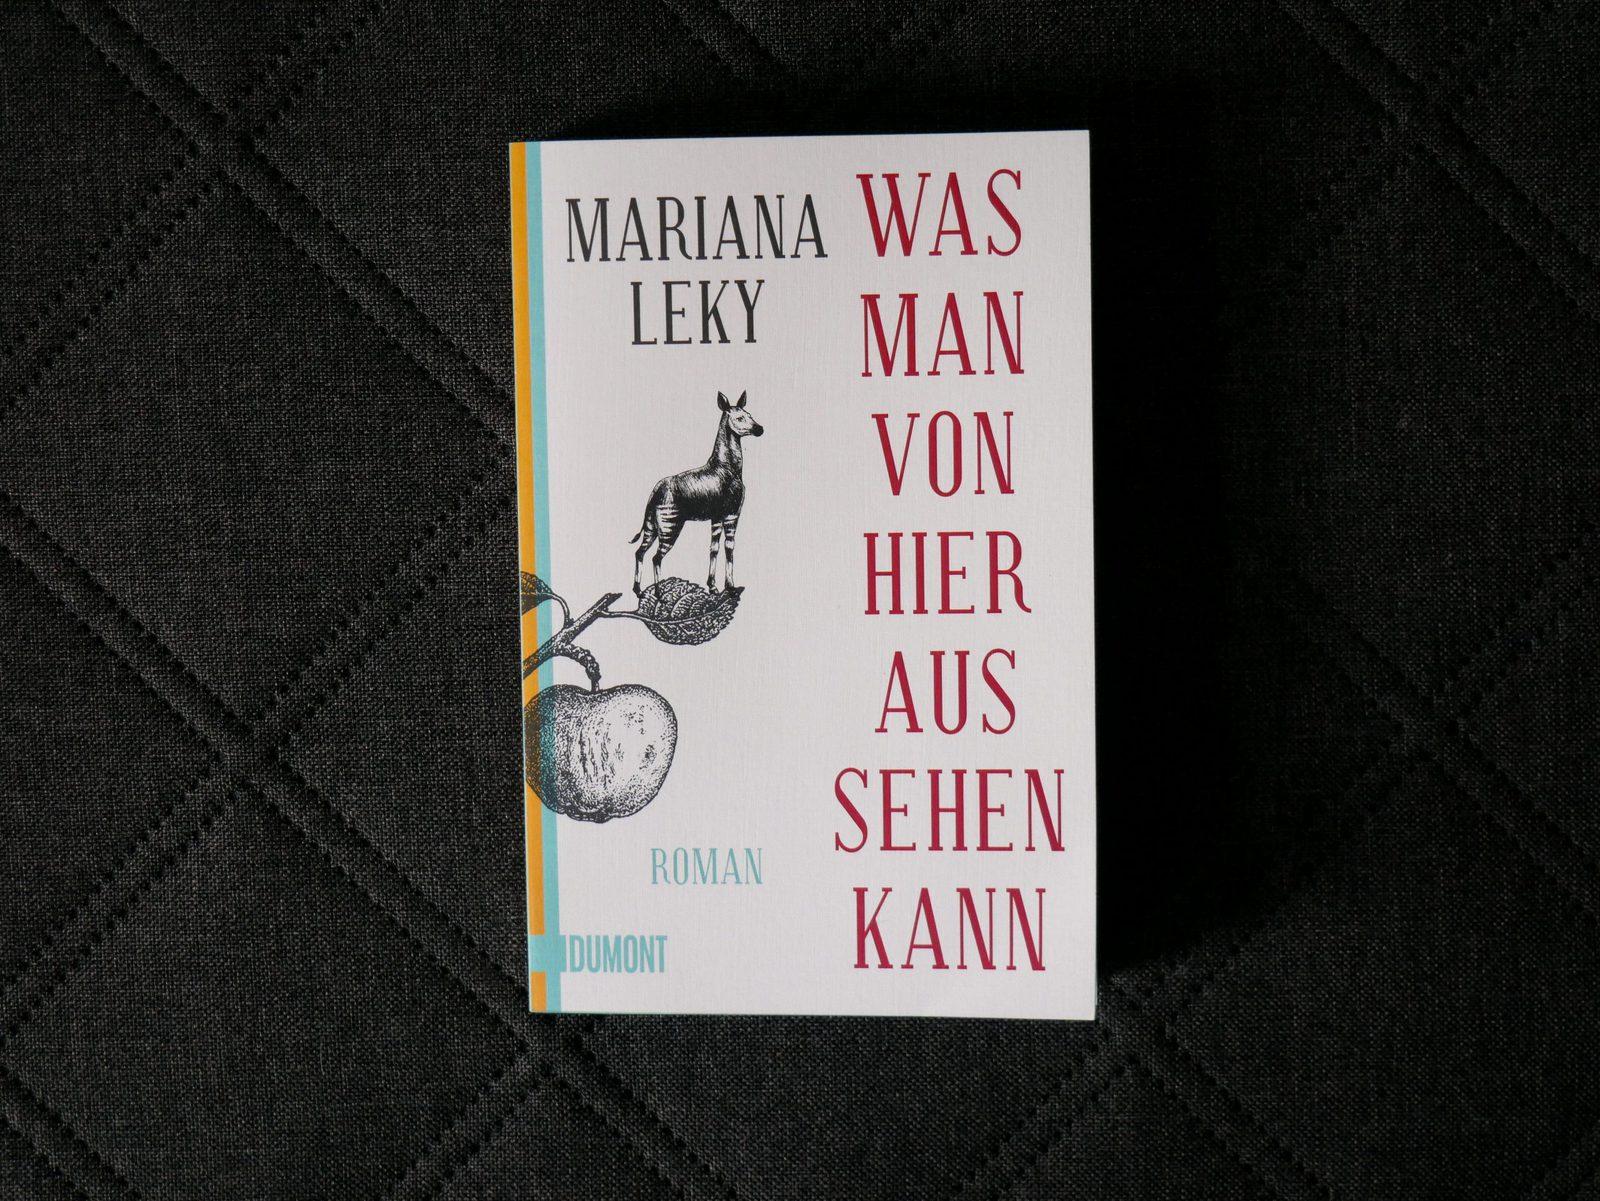 Was man von hier aus sehen kann von Mariana Leky - Buch